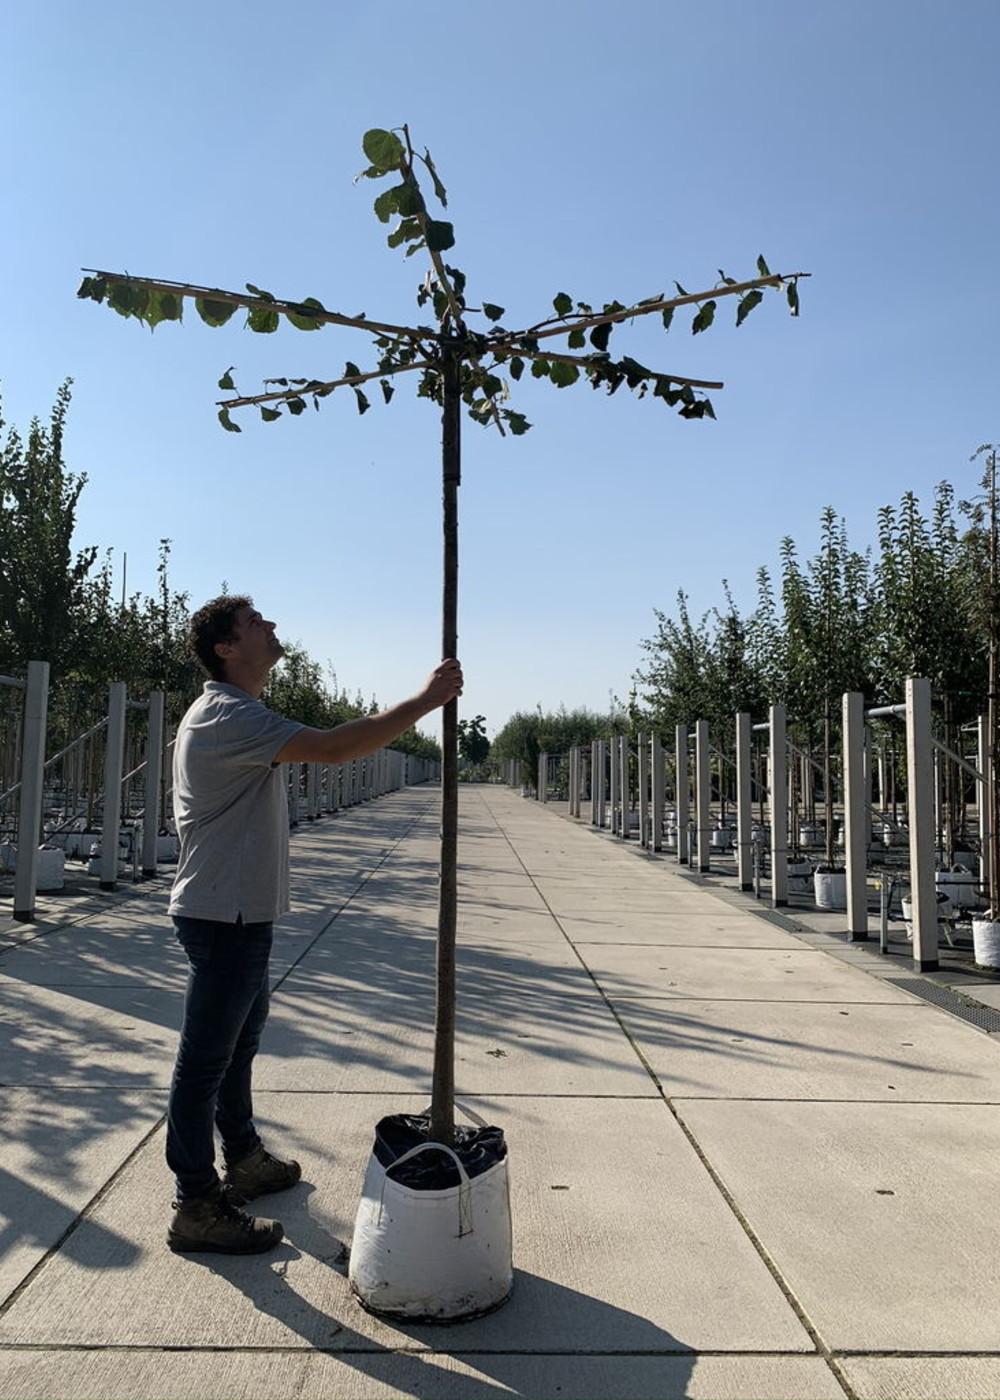 Kaiser Linde Pallida Dachbaum   Tilia europaea 'Pallida' Dachbaum